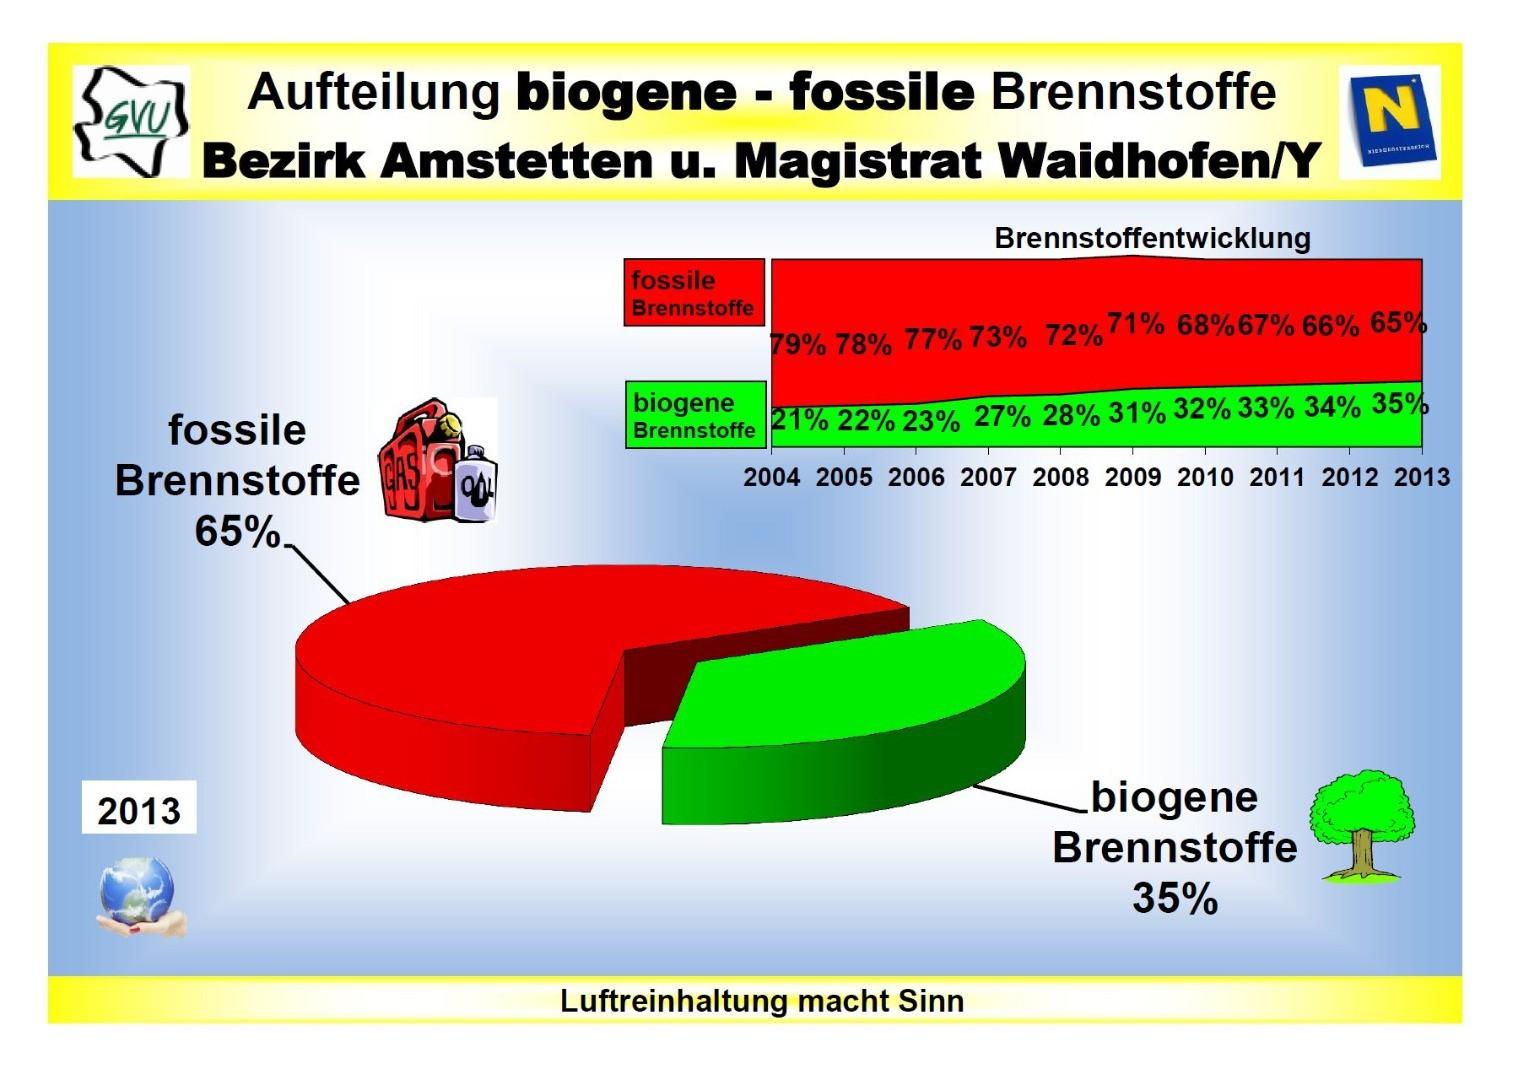 BiogenFossileBrennstoffen_2013.JPG